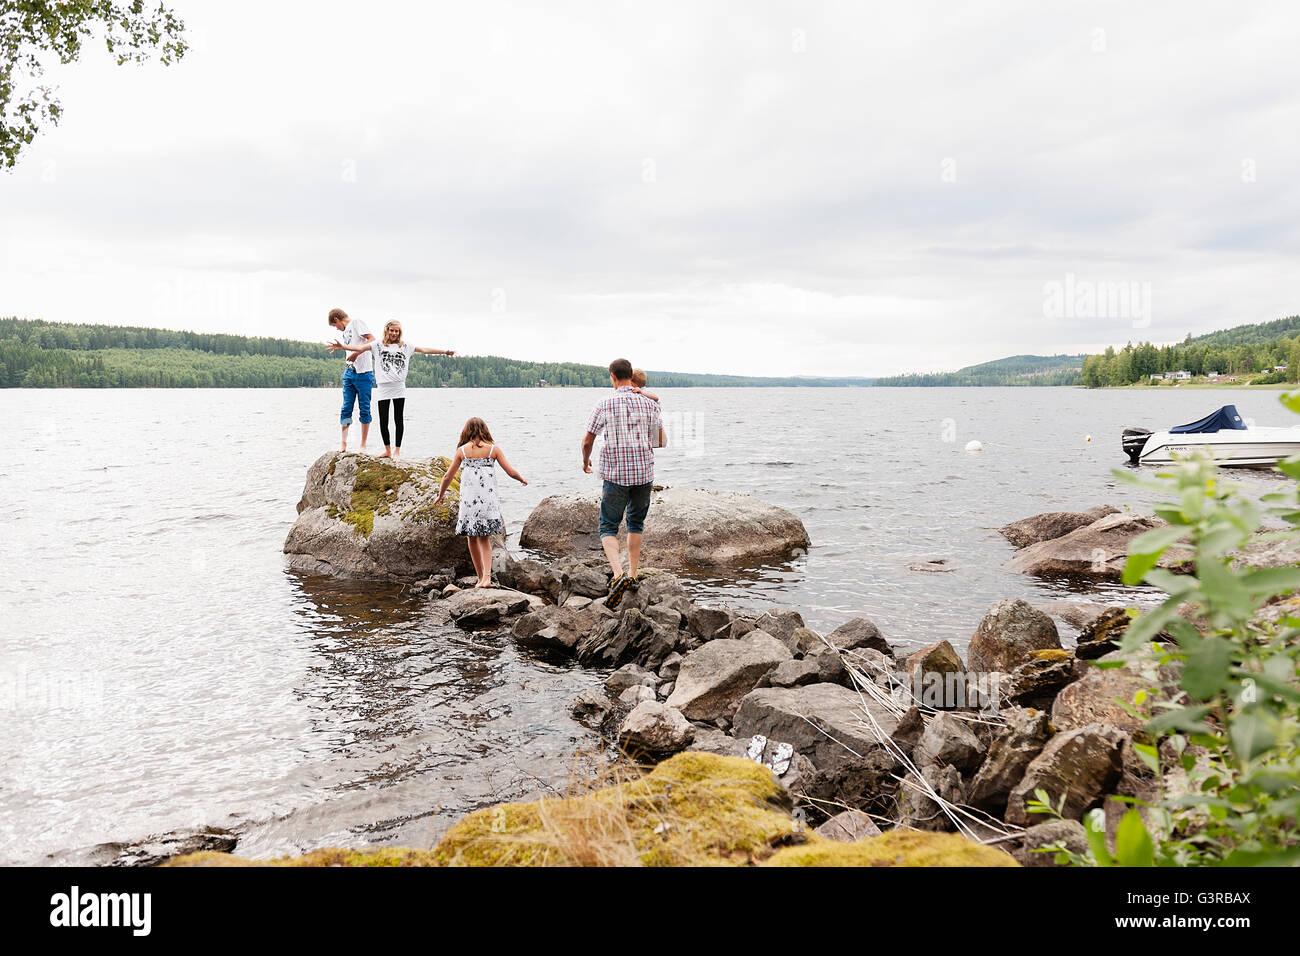 La Svezia, Vastmanland, Bergslagen, Hallefors, Nygard, famiglia con 4 bambini in piedi sulle rocce Immagini Stock